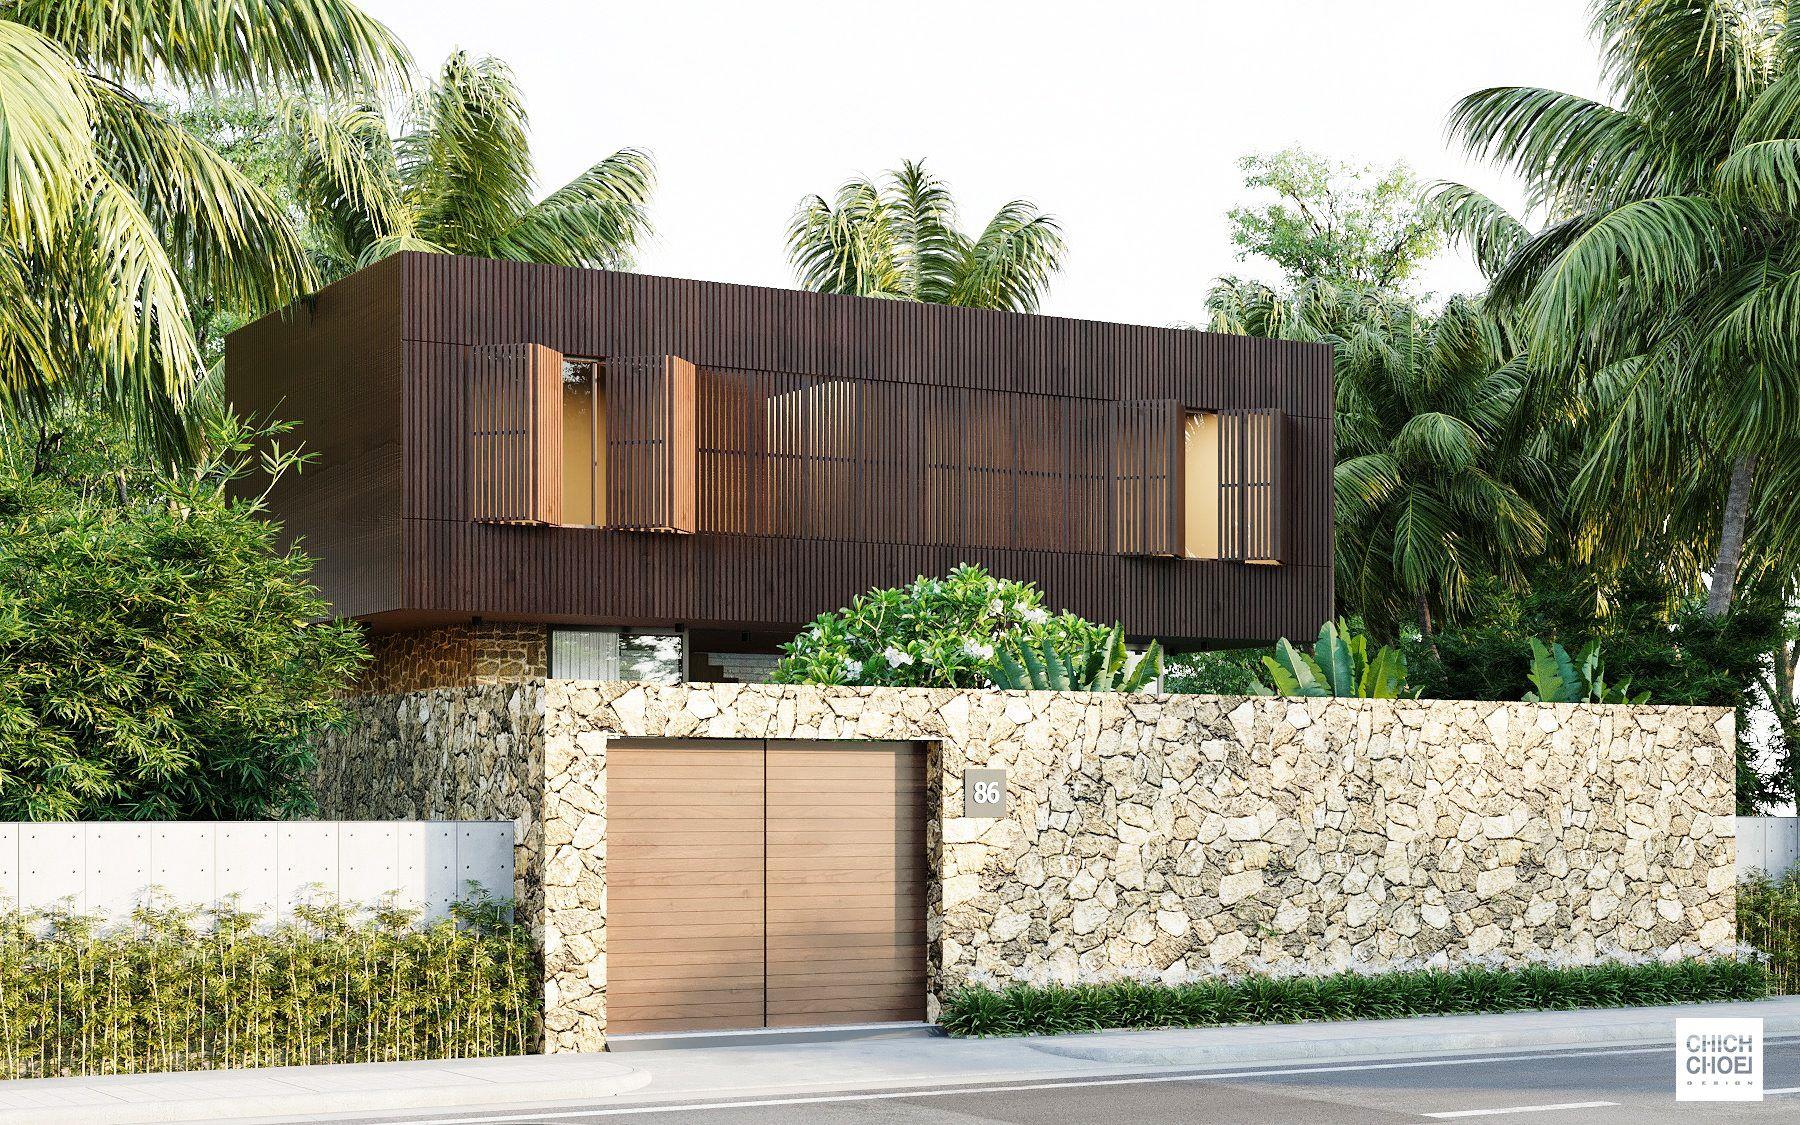 Phong cách kiến trúc mới lạ, độc đáo